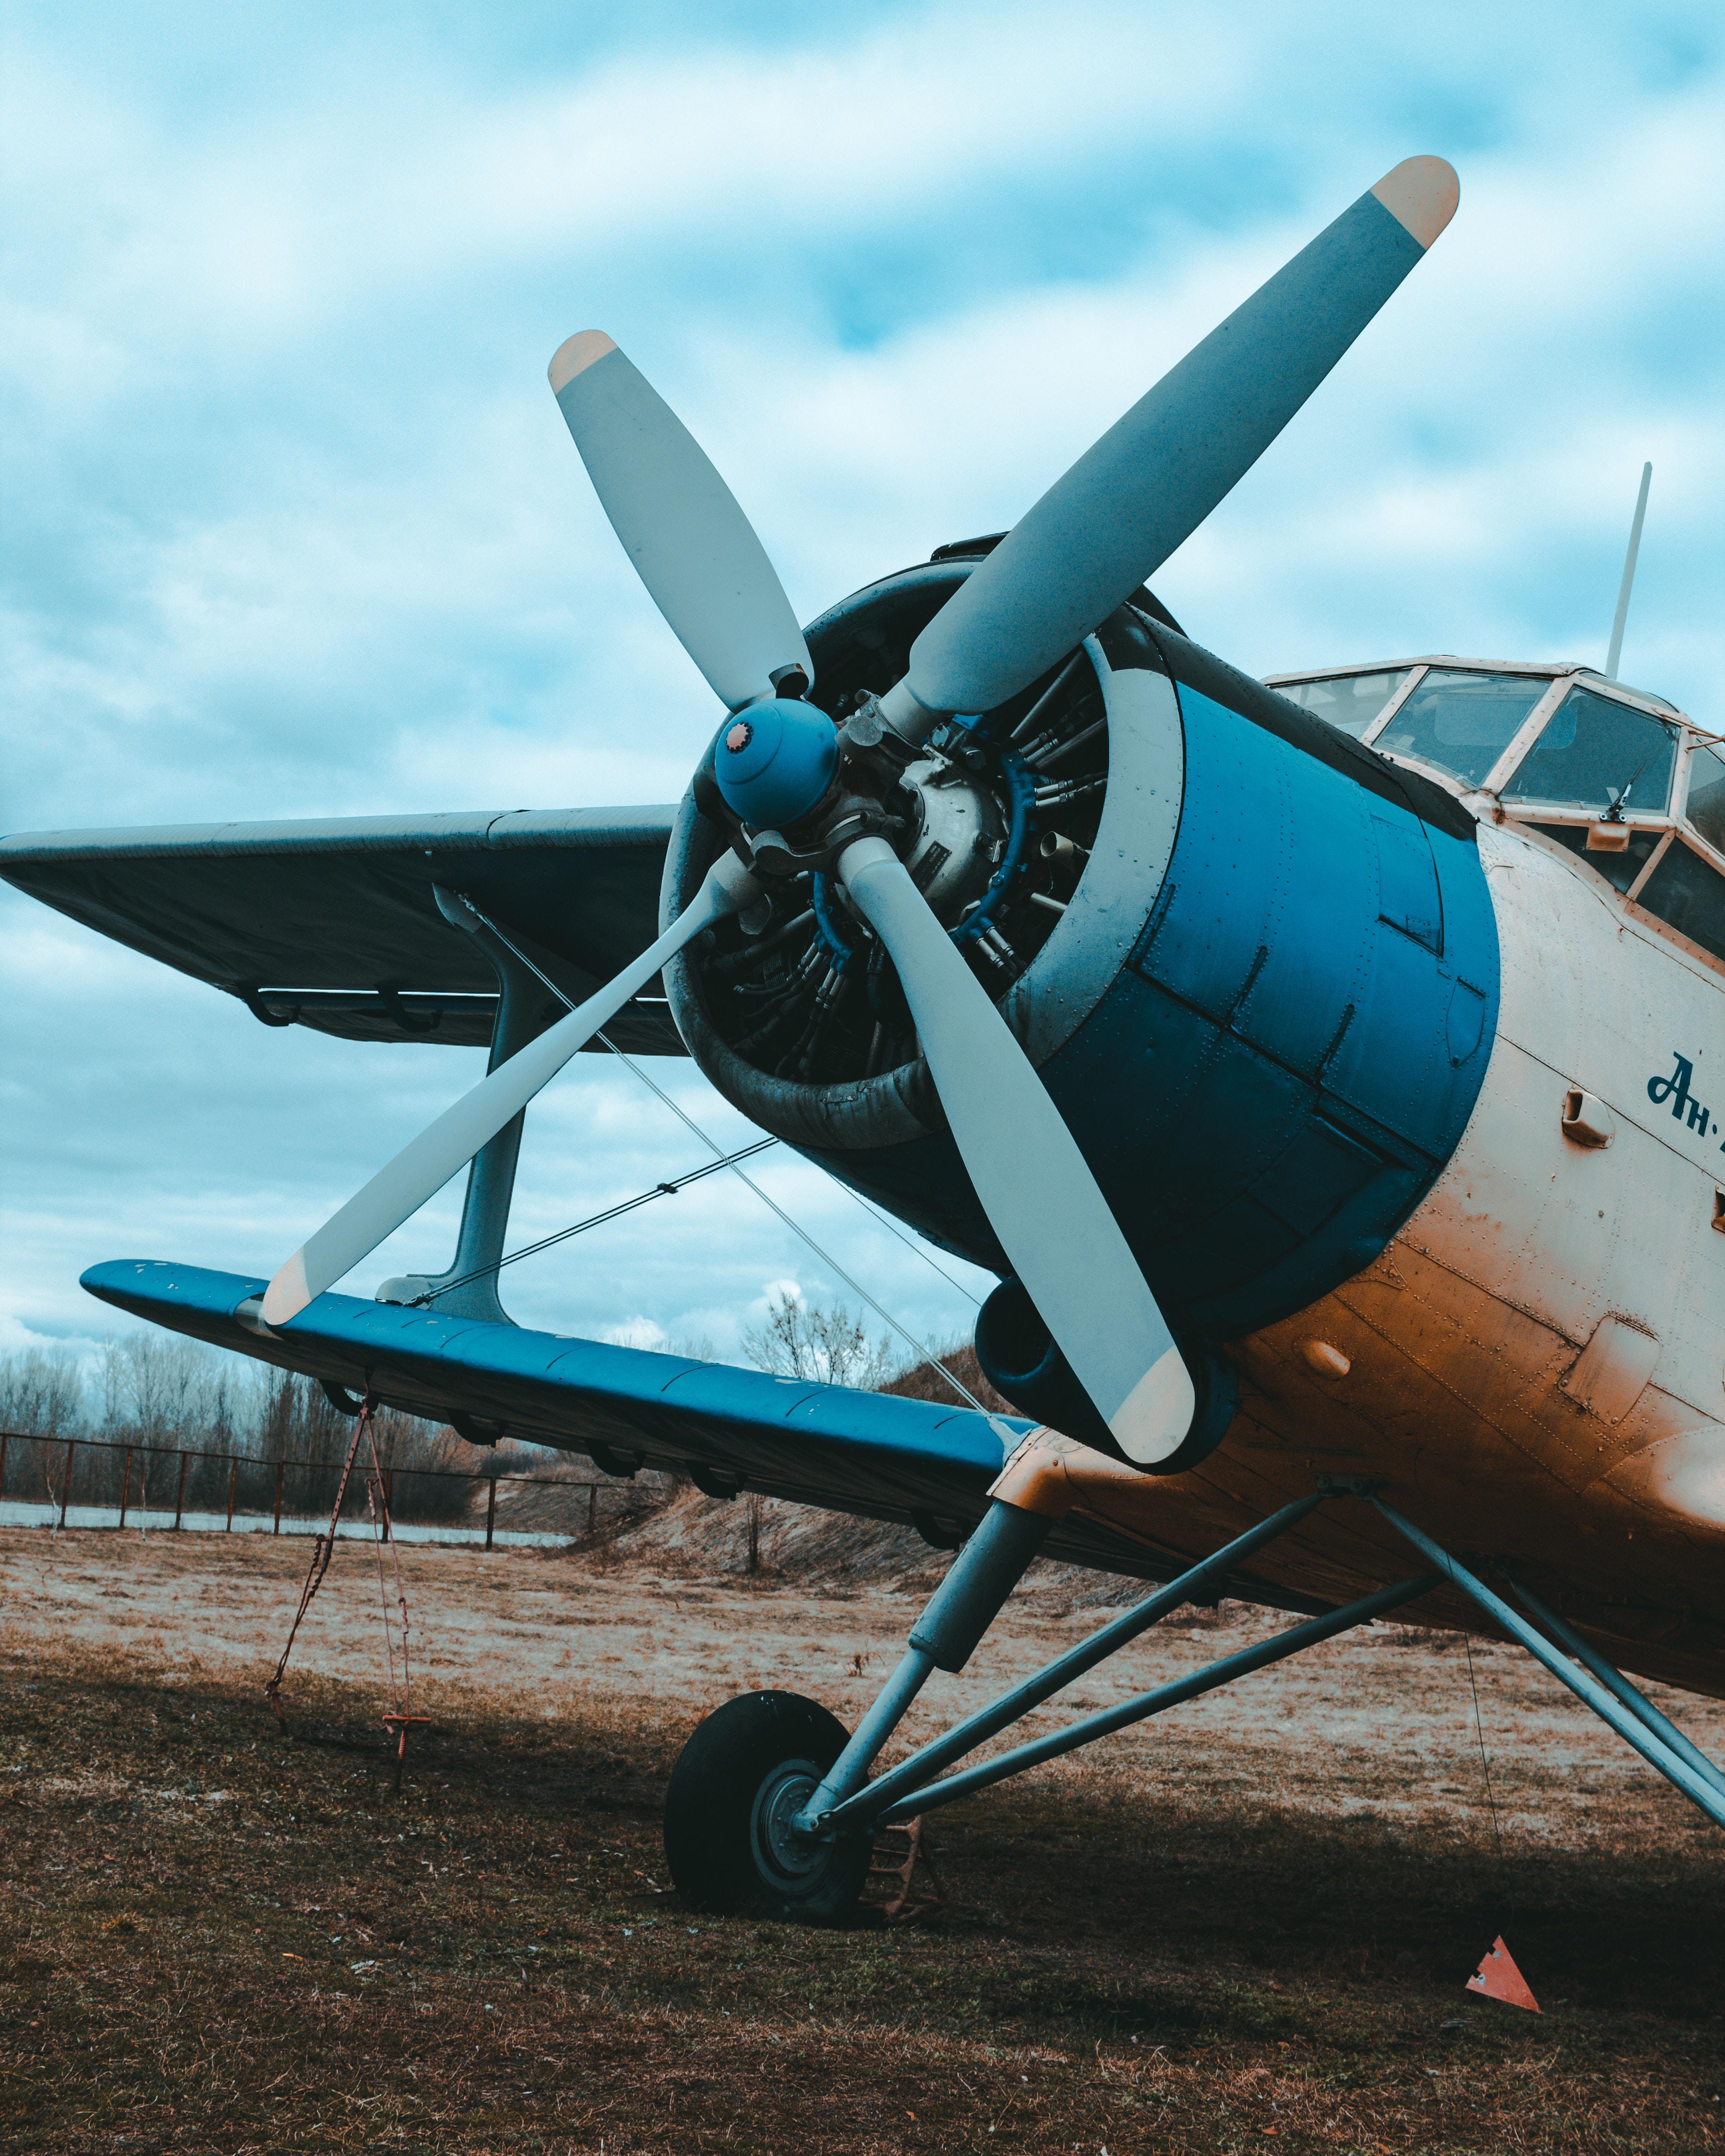 110657 Hintergrundbild herunterladen Flugzeuge, Verschiedenes, Sonstige, Flugzeug, Propeller, Doppeldecker - Bildschirmschoner und Bilder kostenlos